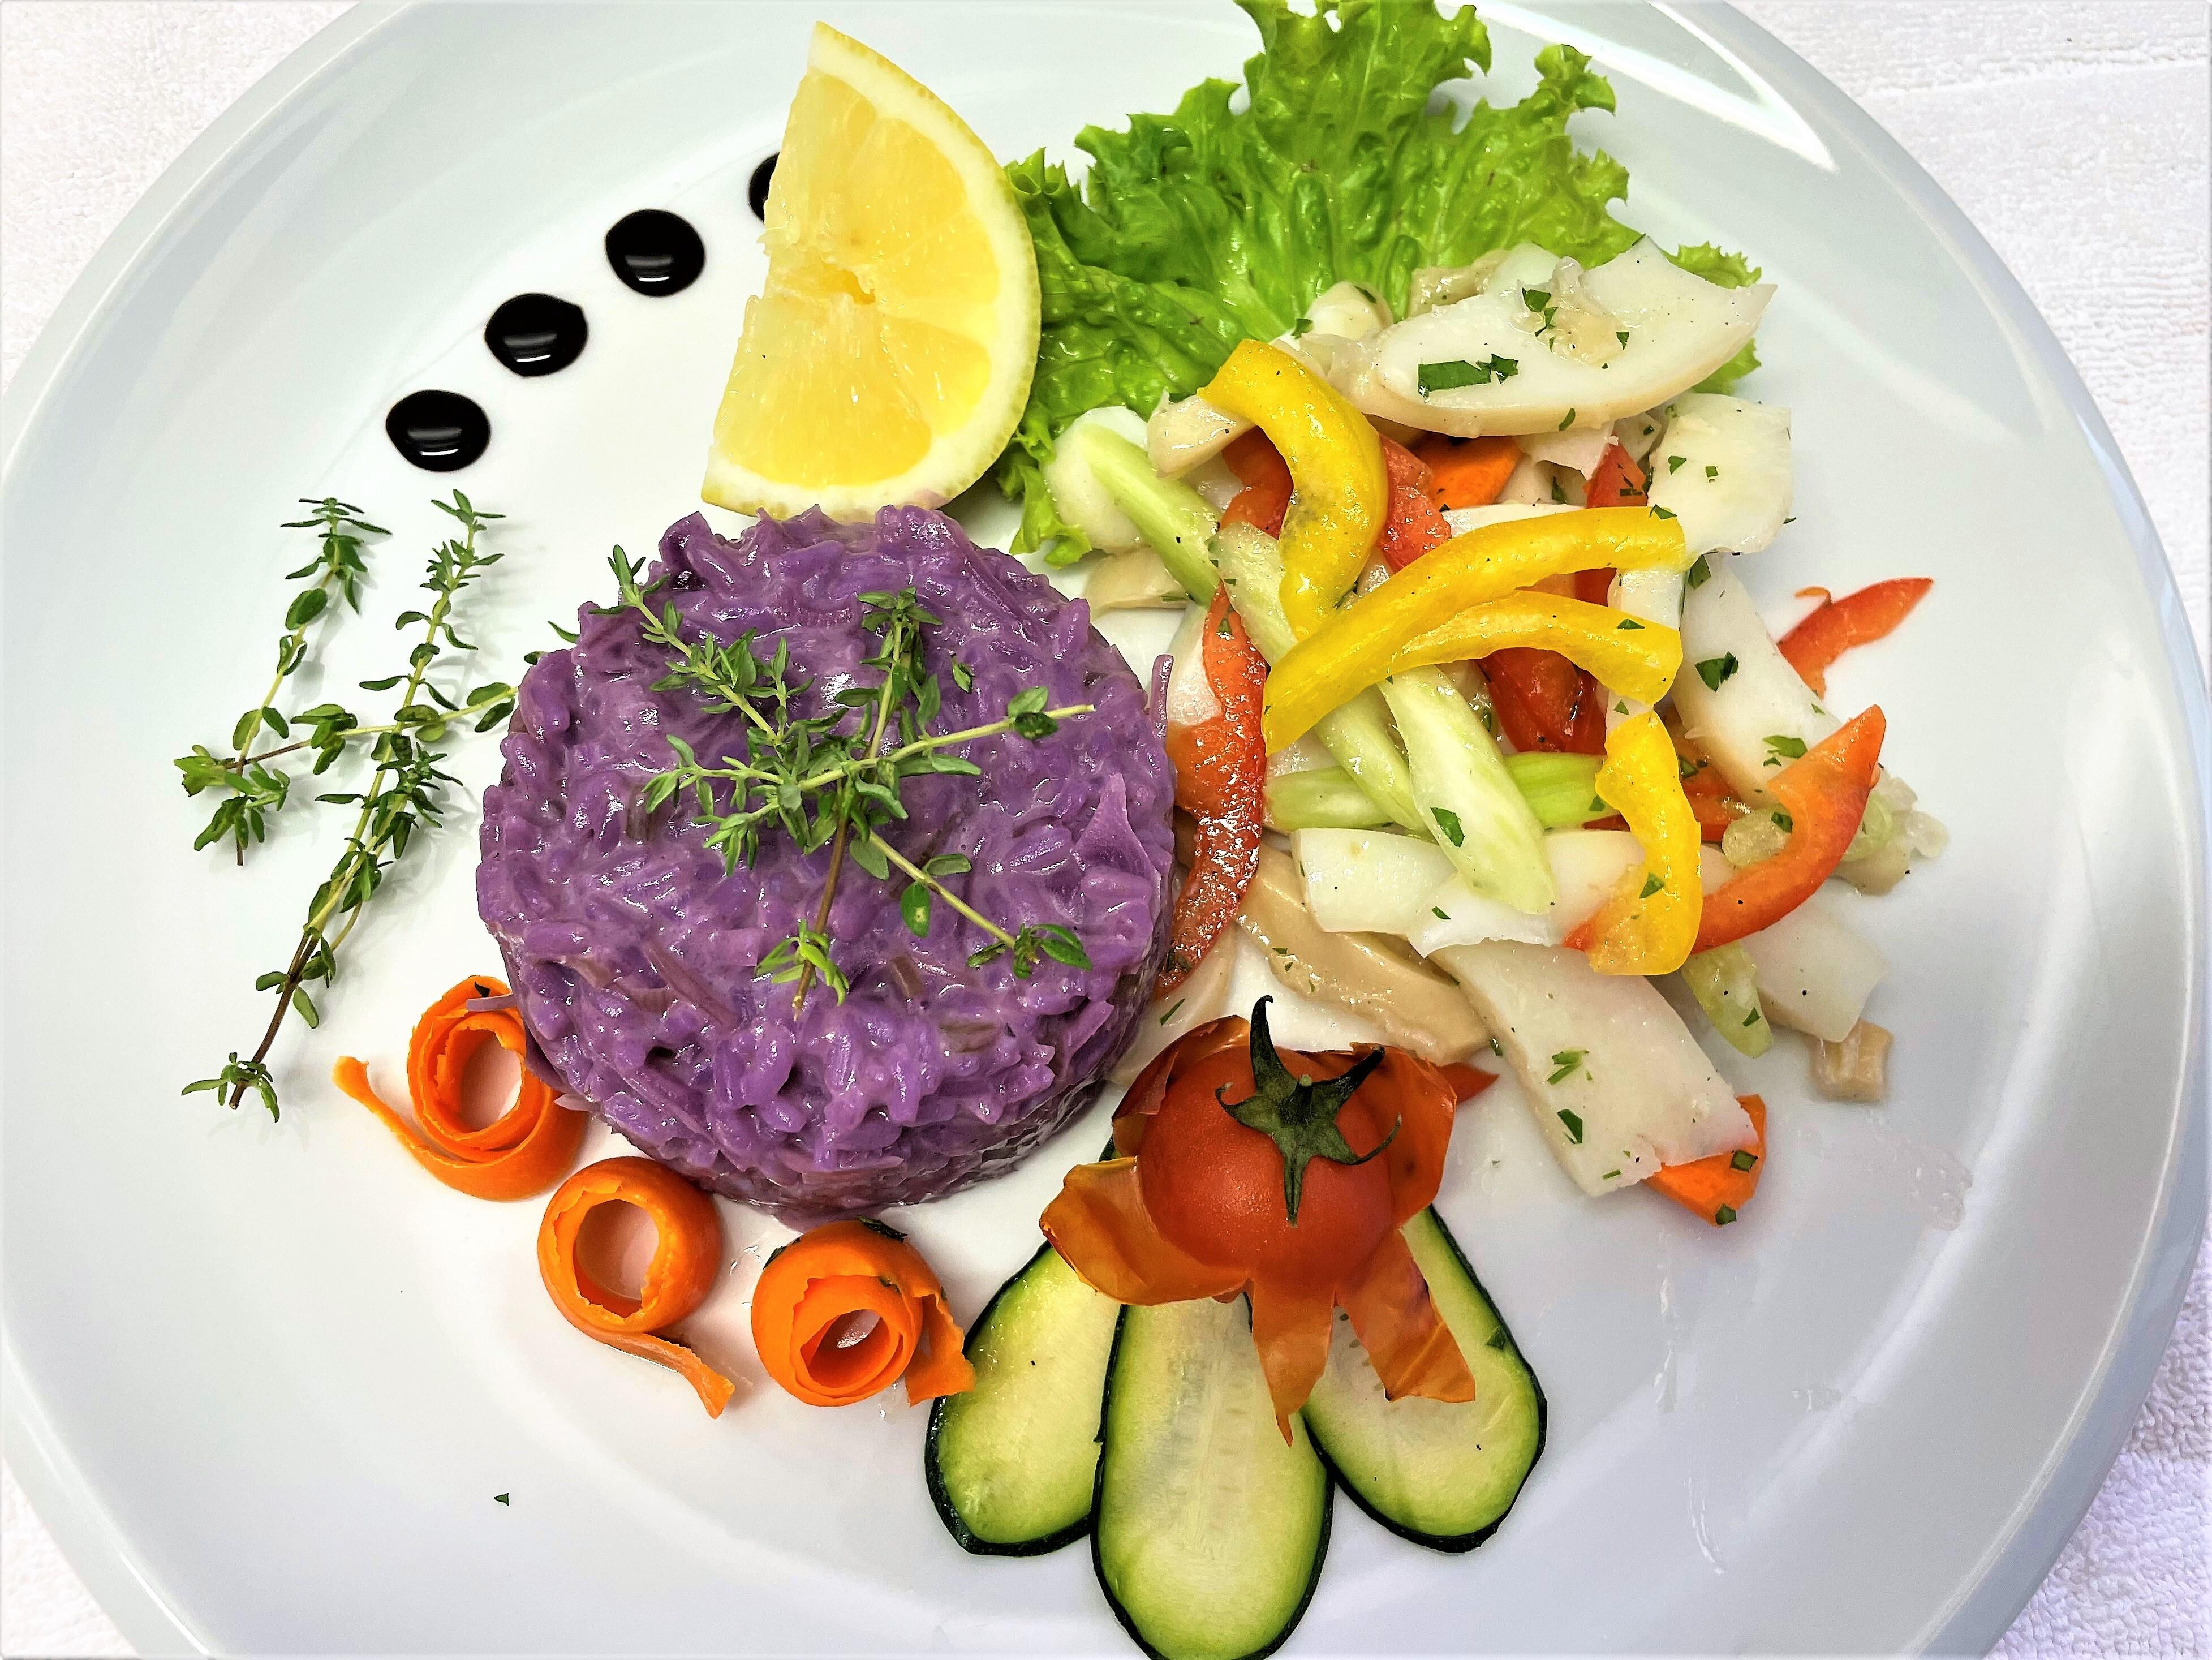 Insalata di mare con riso al cappuccio viola